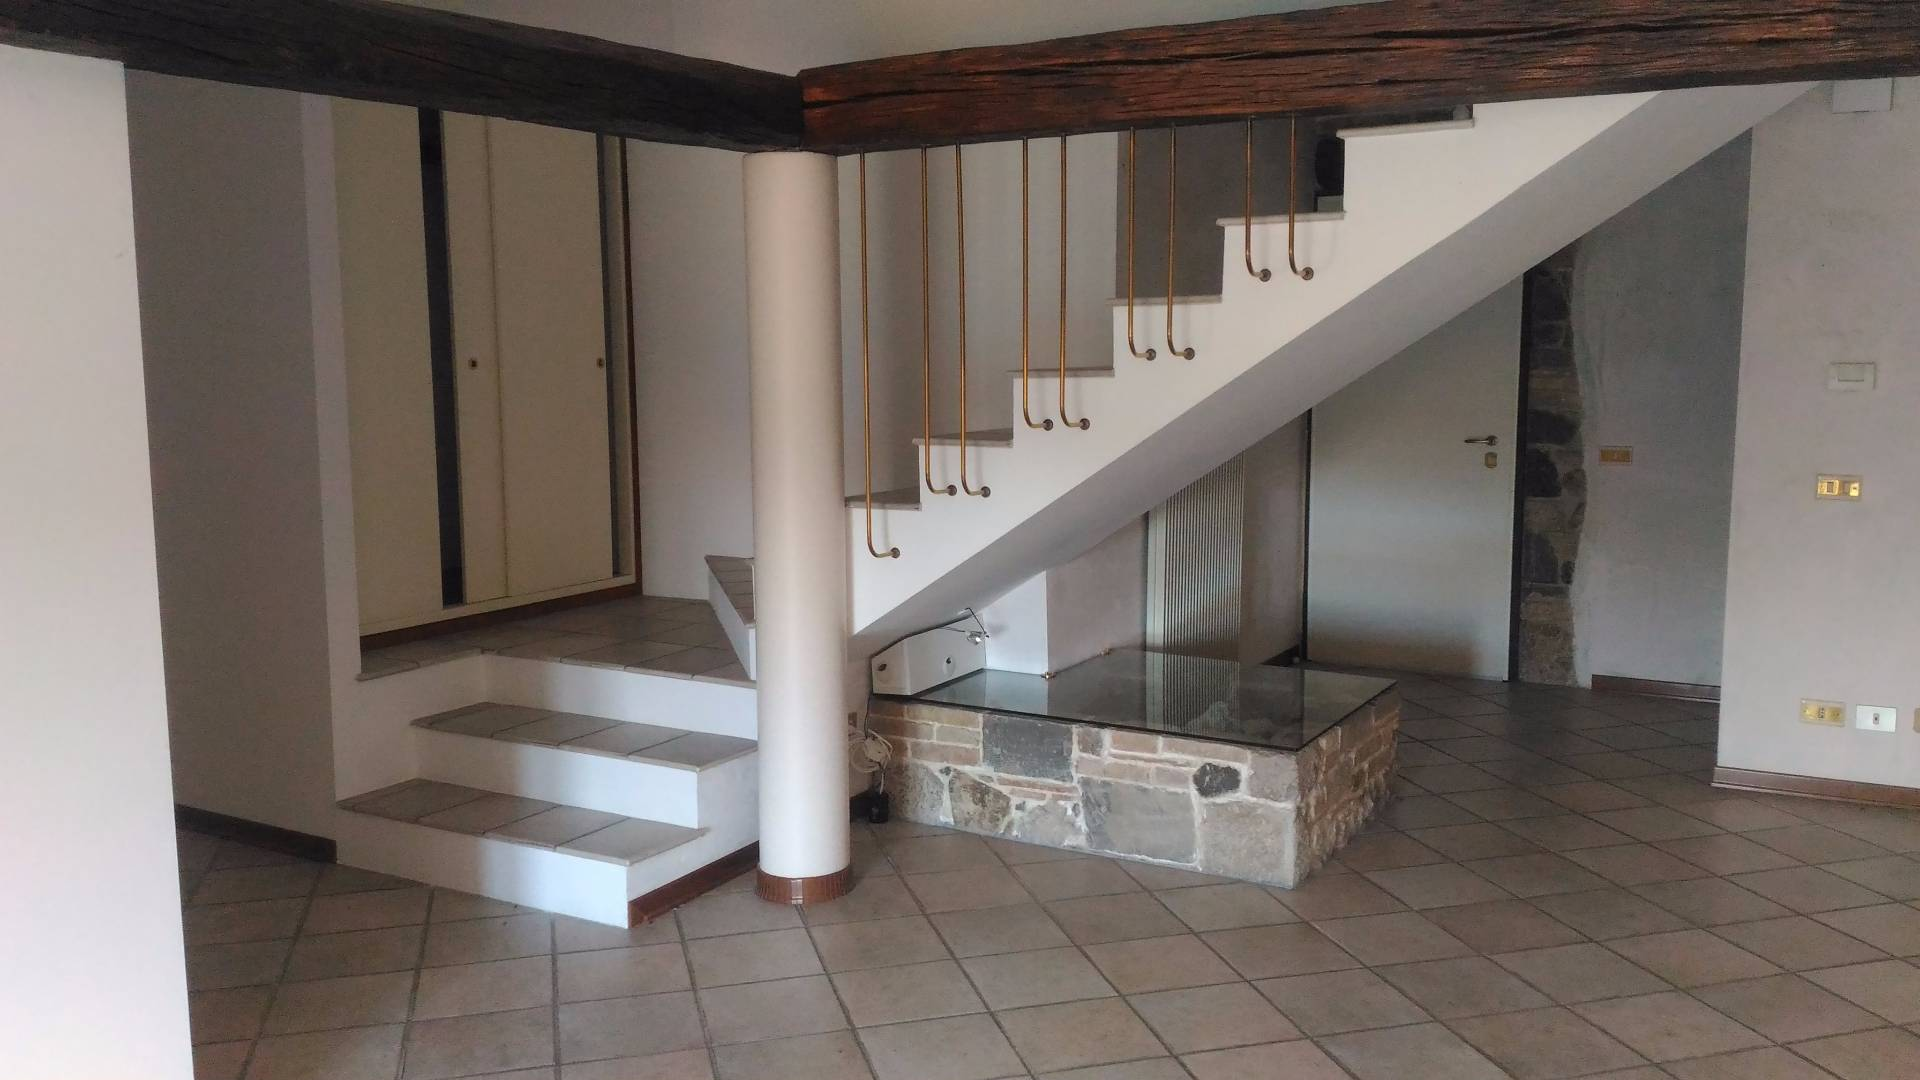 Appartamento in vendita a Tavagnacco, 5 locali, zona Località: FELETTO, prezzo € 210.000 | CambioCasa.it